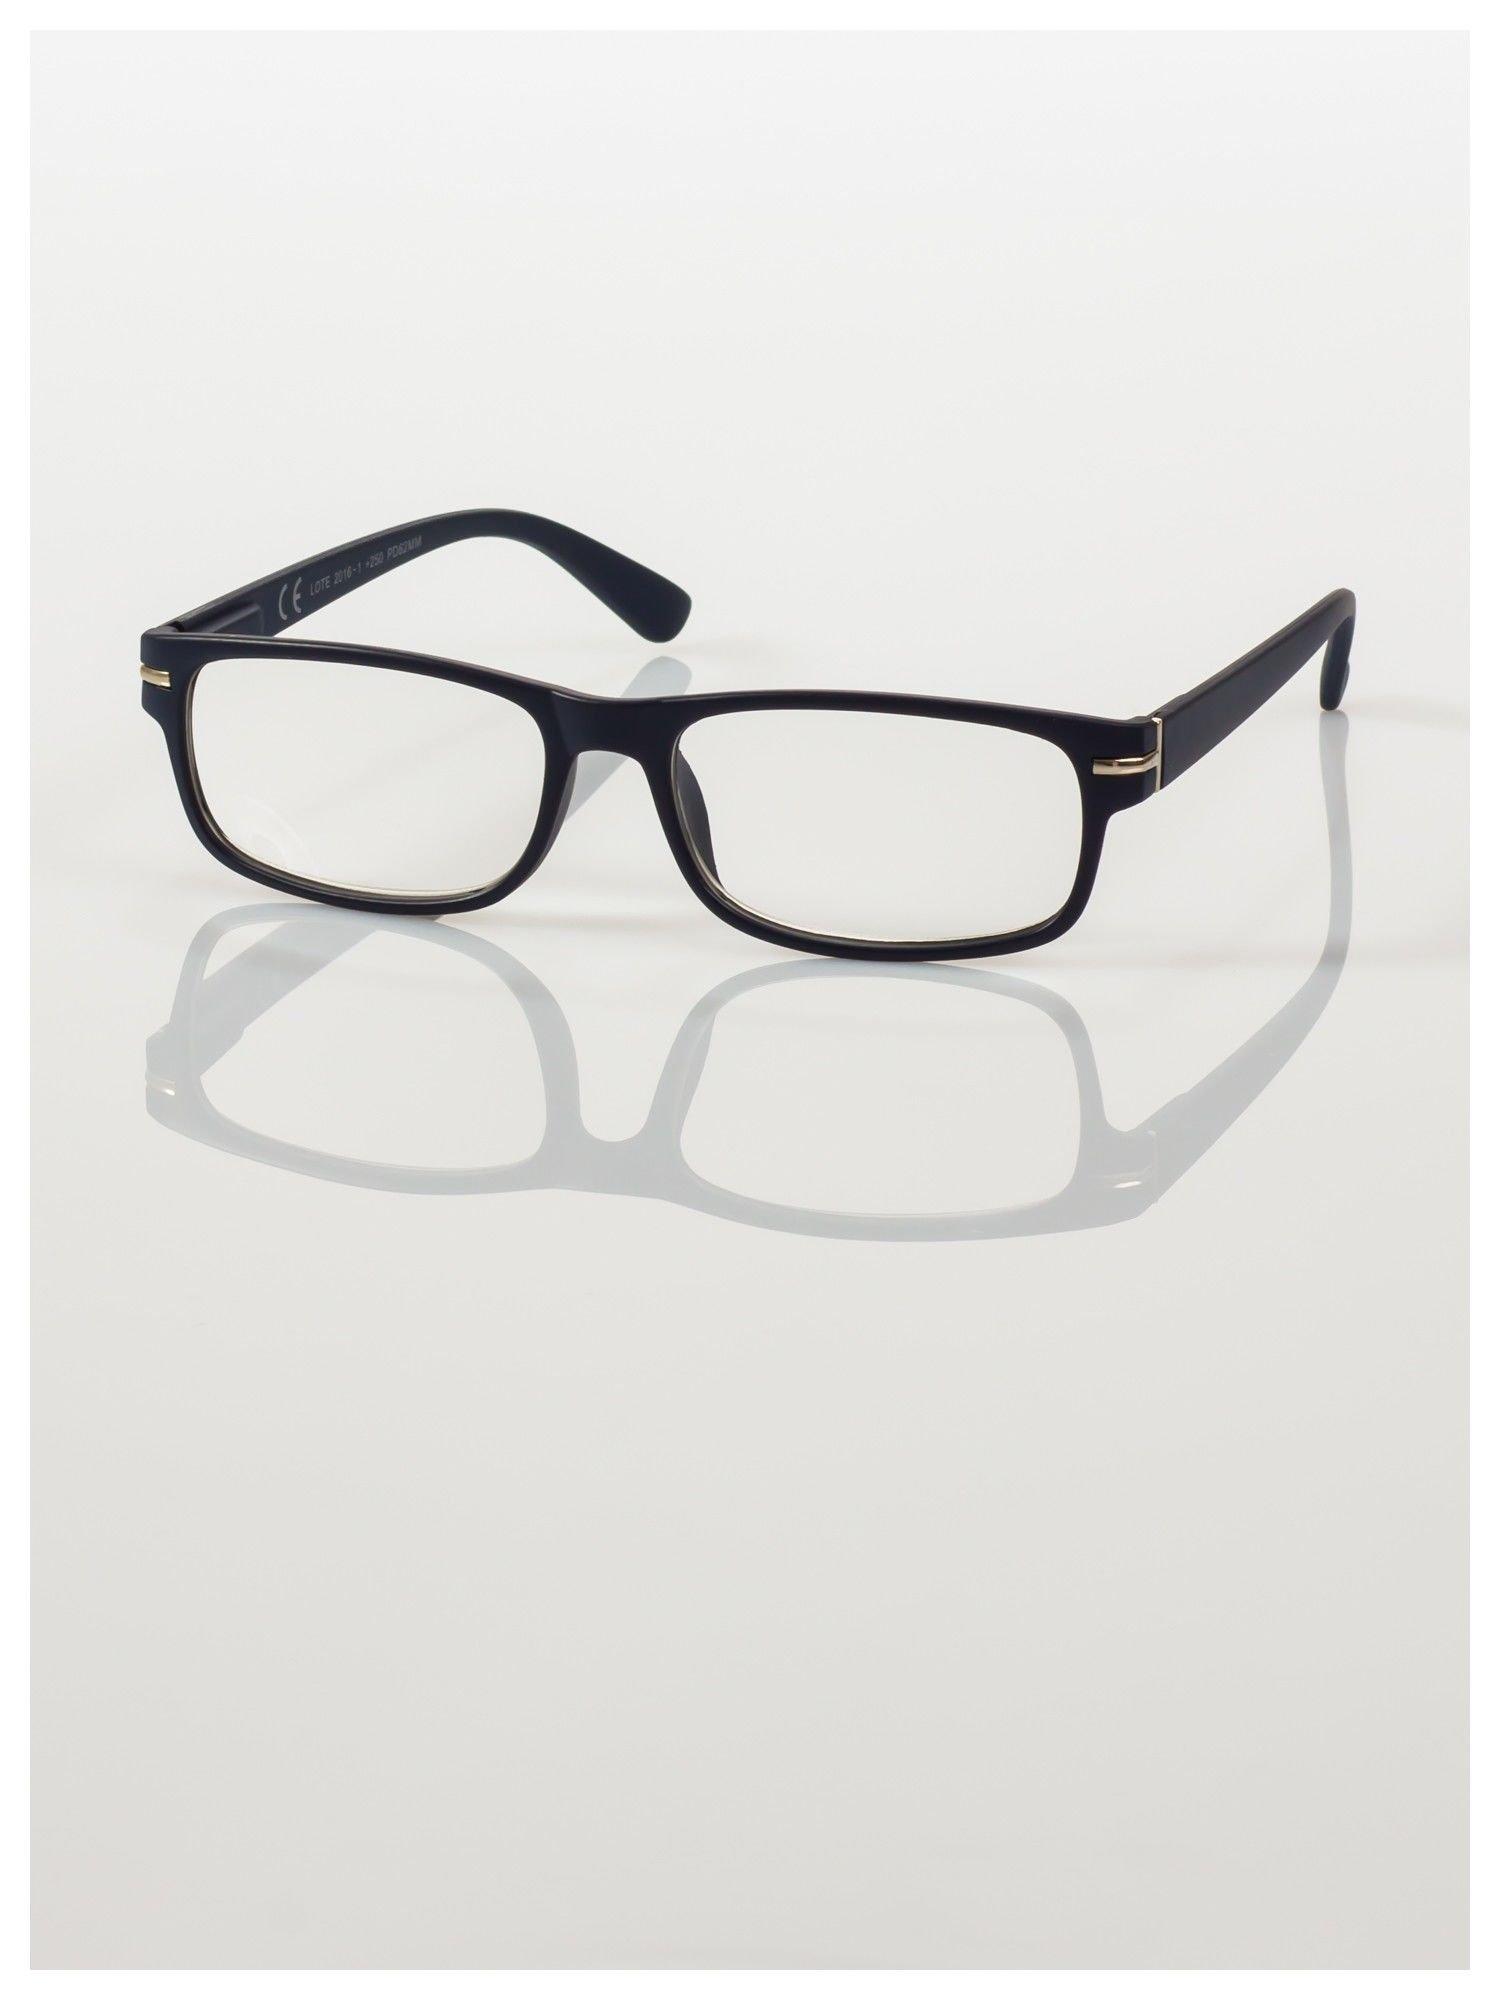 Eleganckie granatowe matowe korekcyjne okulary do czytania +2.5 D  z sytemem FLEX na zausznikach                                  zdj.                                  2